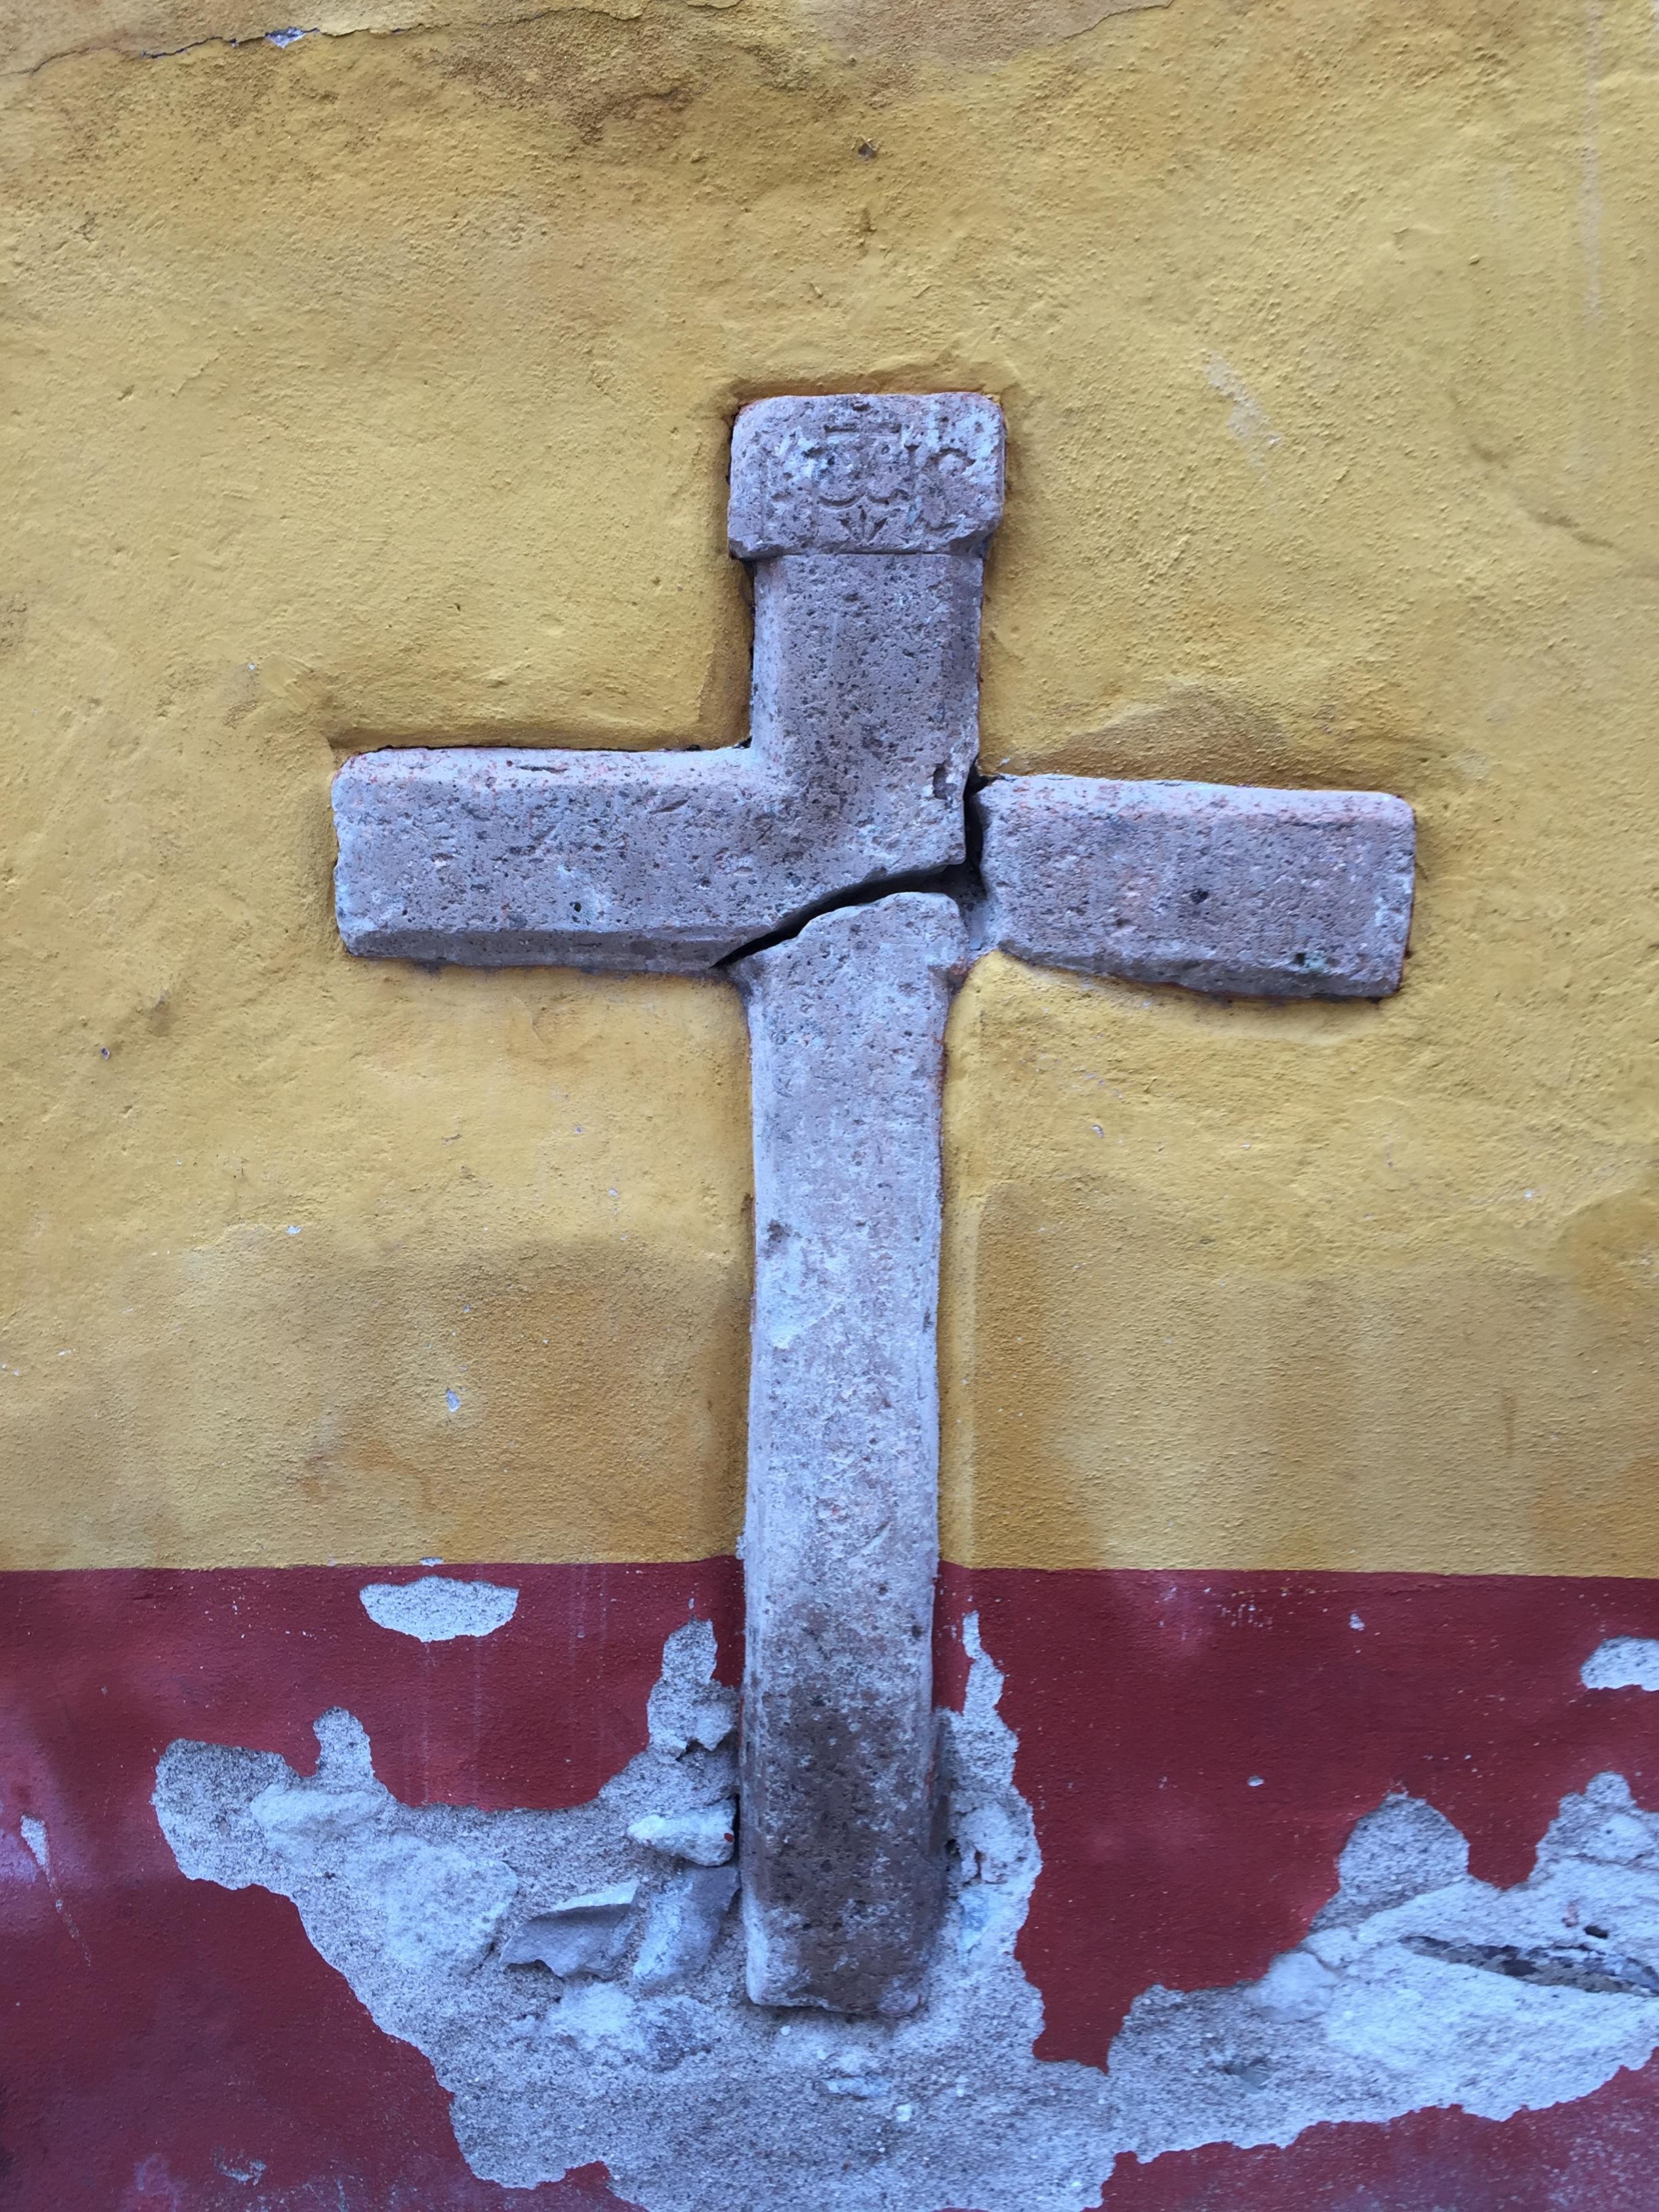 Cross IMG_4995.JPG